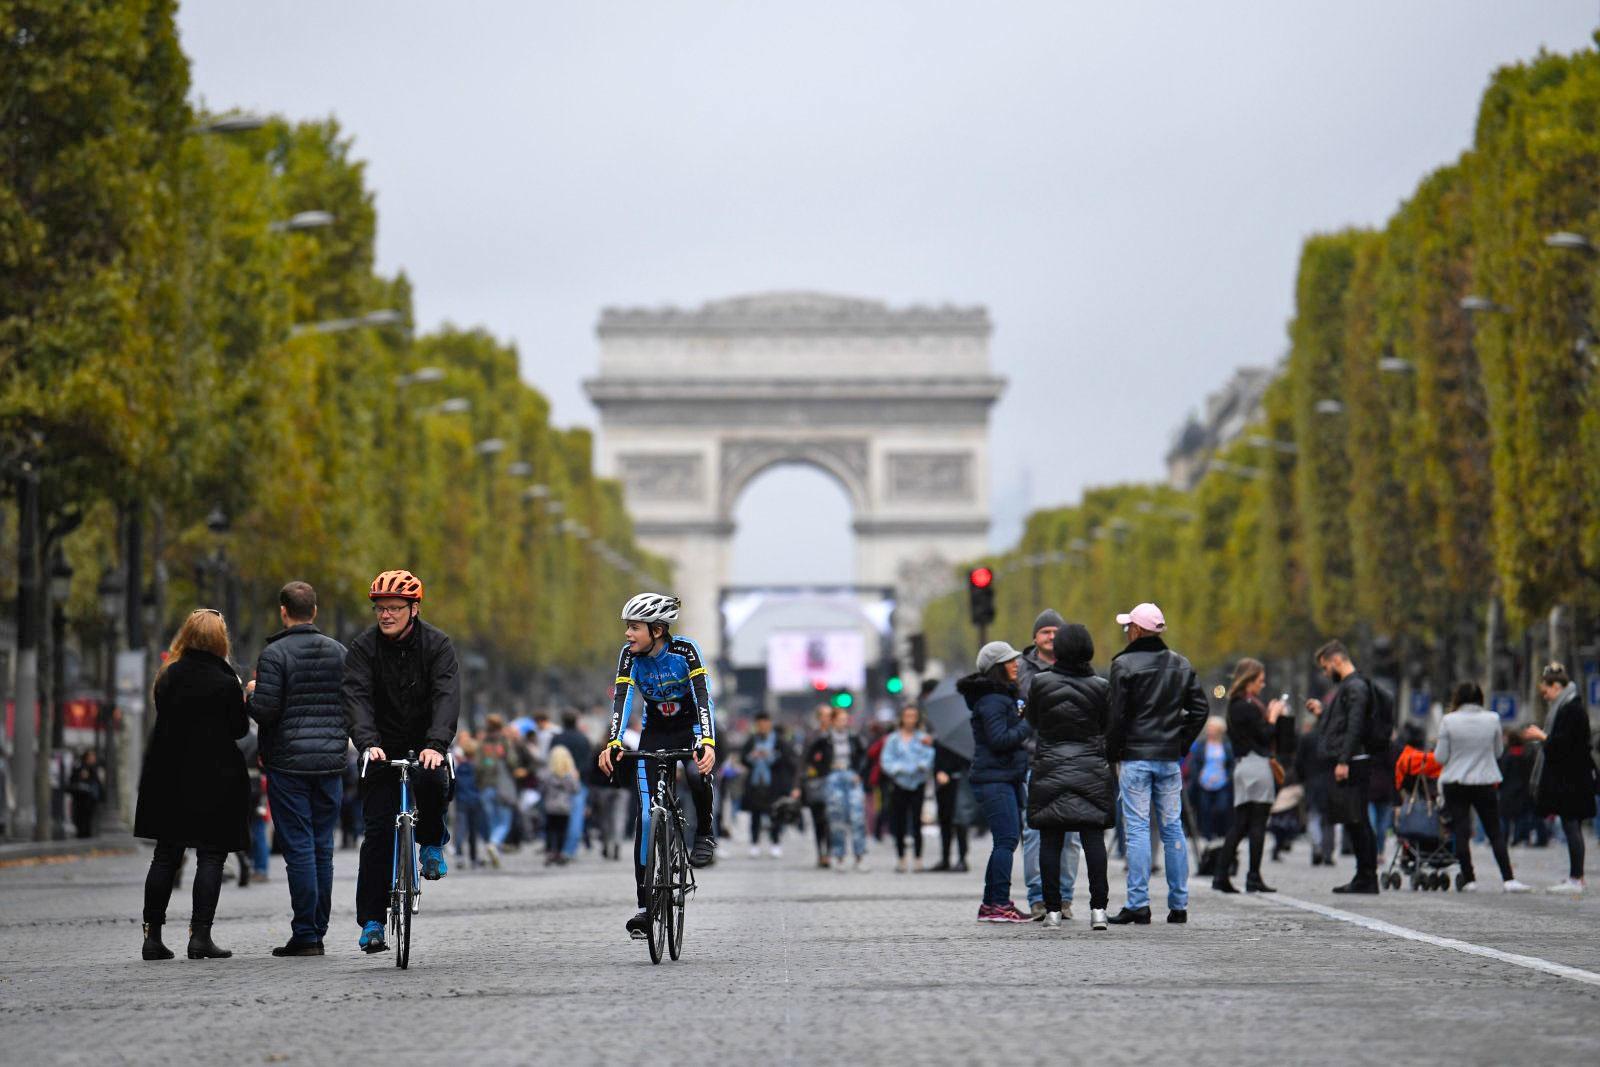 Paris holds a city-wide 'car-free' day | DeviceDaily.com